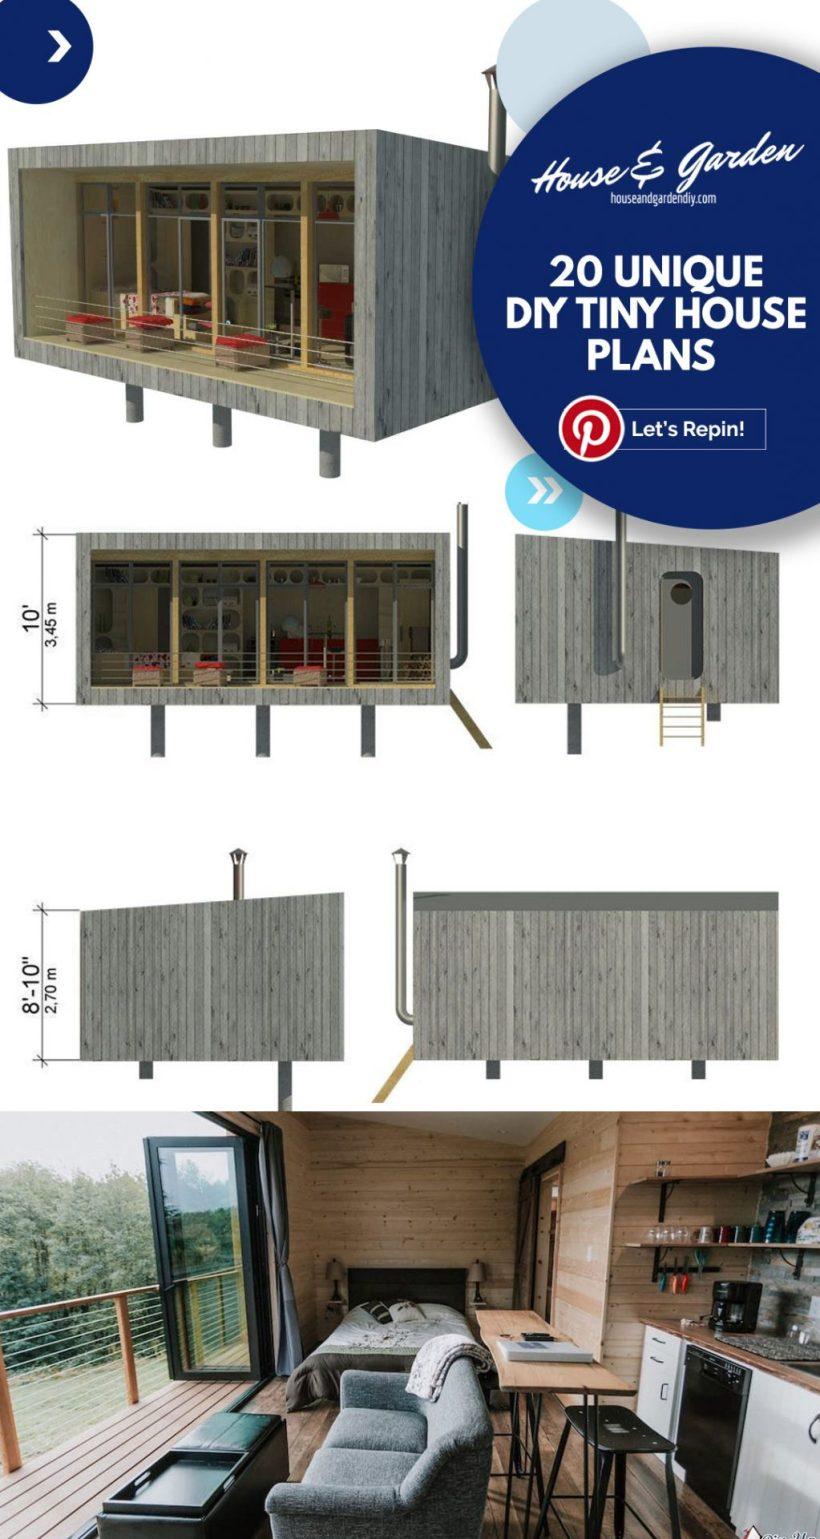 Planos de casa de 800 pies cuadrados 2 habitaciones 2 baños